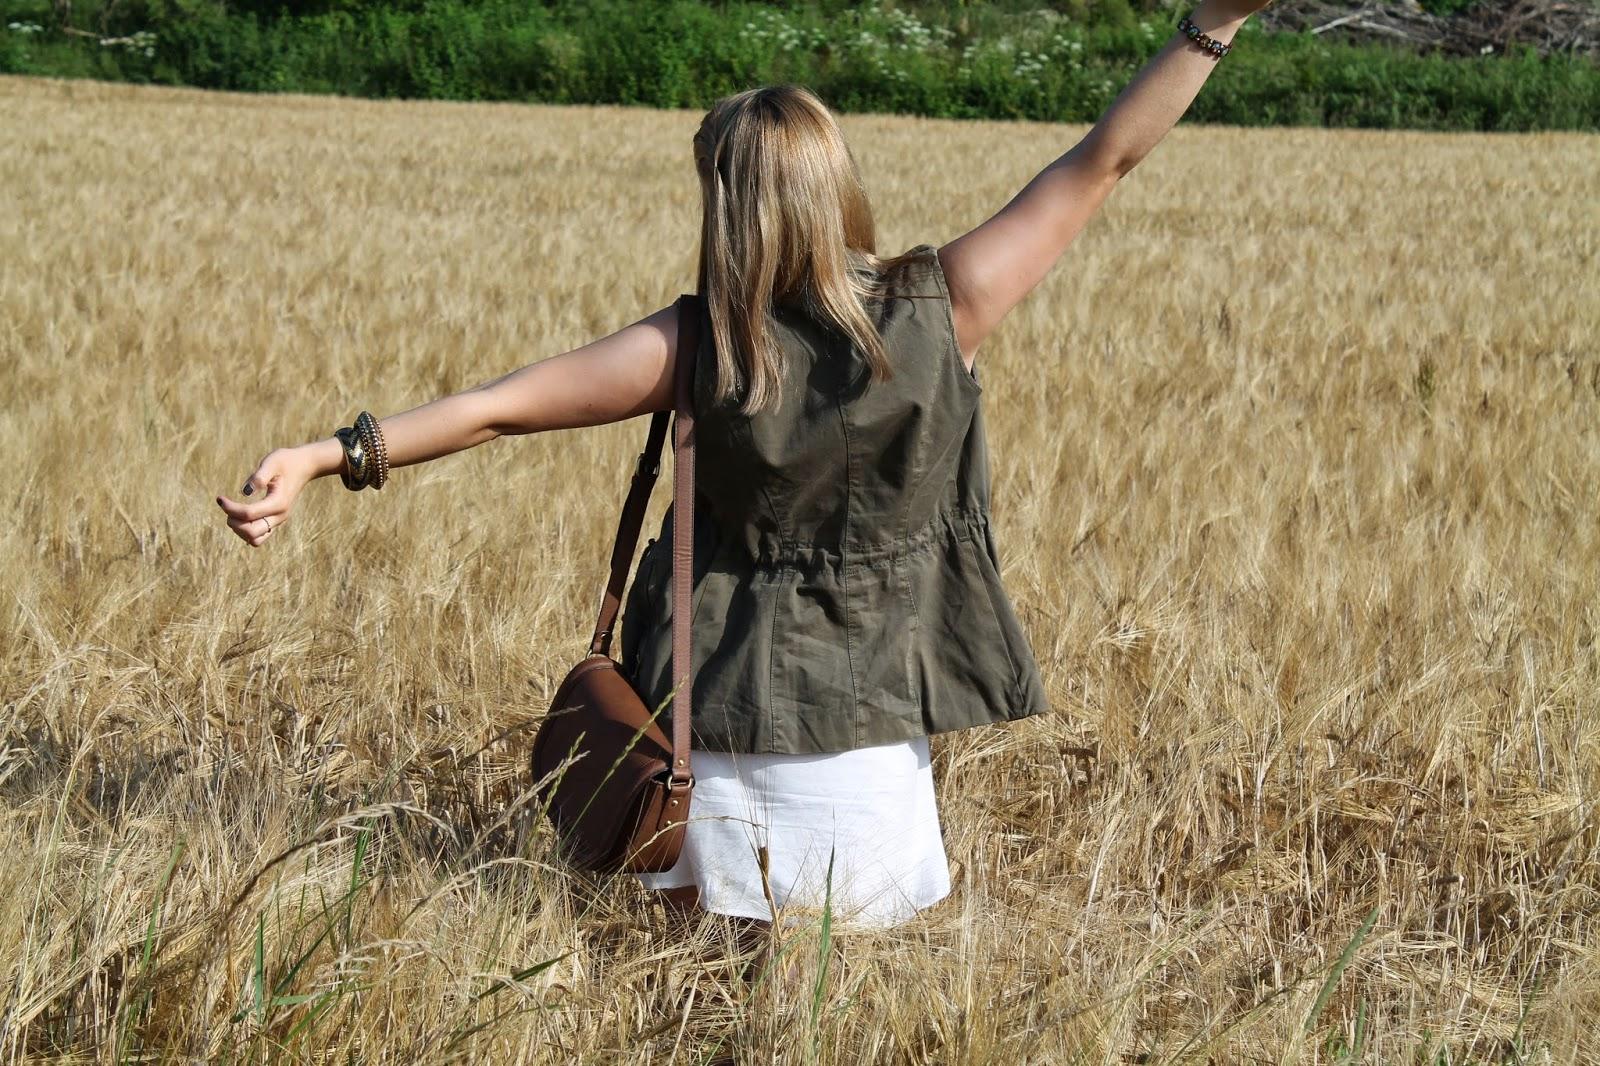 Fashionblogger Austria / Österreich / Deutsch / German / Kärnten / Carinthia / Klagenfurt / Köttmannsdorf / Spring Look / Classy / Edgy / Summer / Summer Style 2014 / Summer Look / Fashionista Look / Takko / Vero Moda / Zara / Even and Odd / Tommy Hilfiger / Ray Ban / How to style /